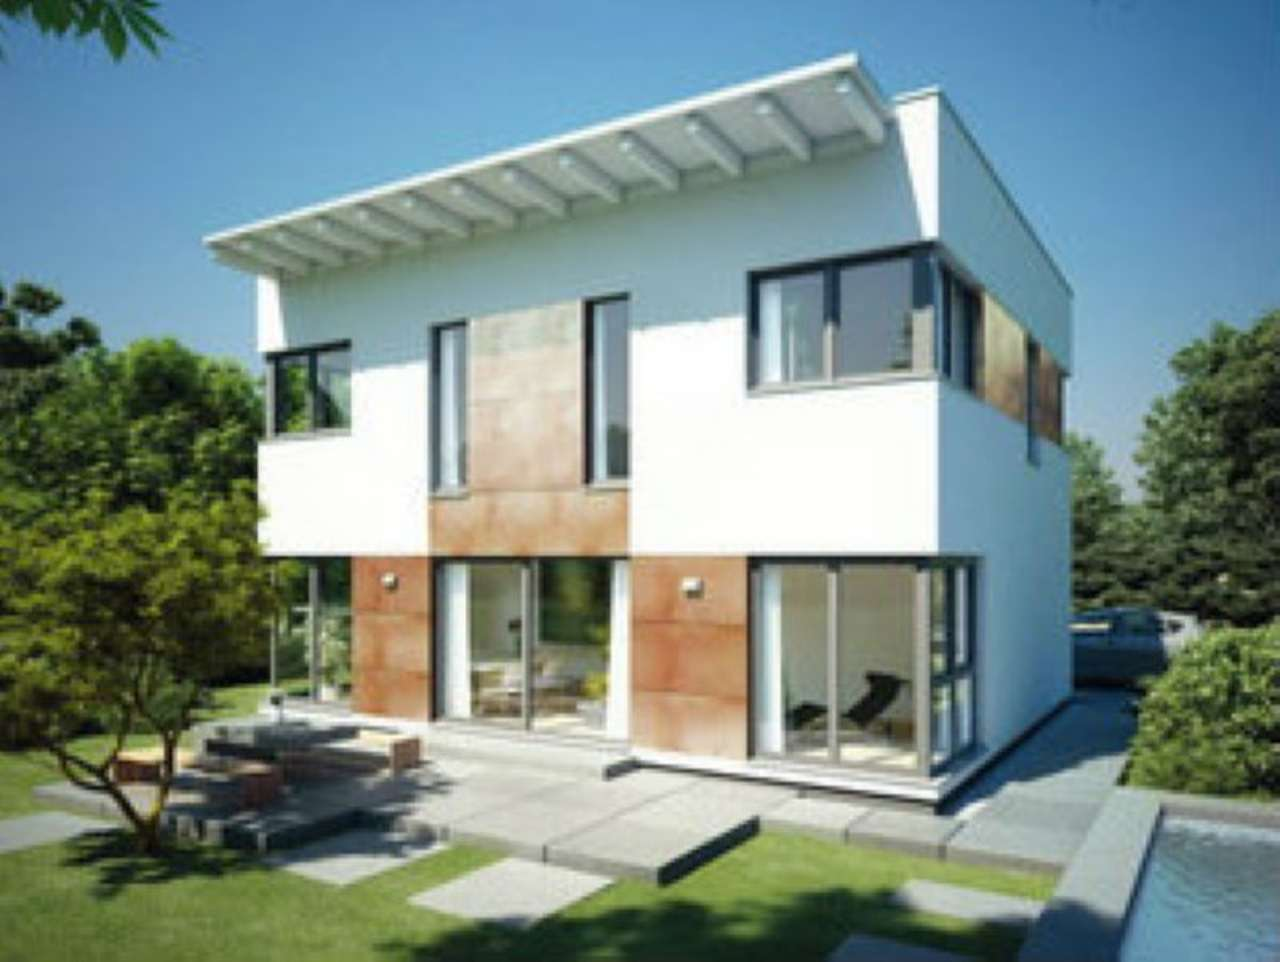 Terreno Edificabile Residenziale in vendita a Moncucco Torinese, 5 locali, prezzo € 49.000 | Cambio Casa.it